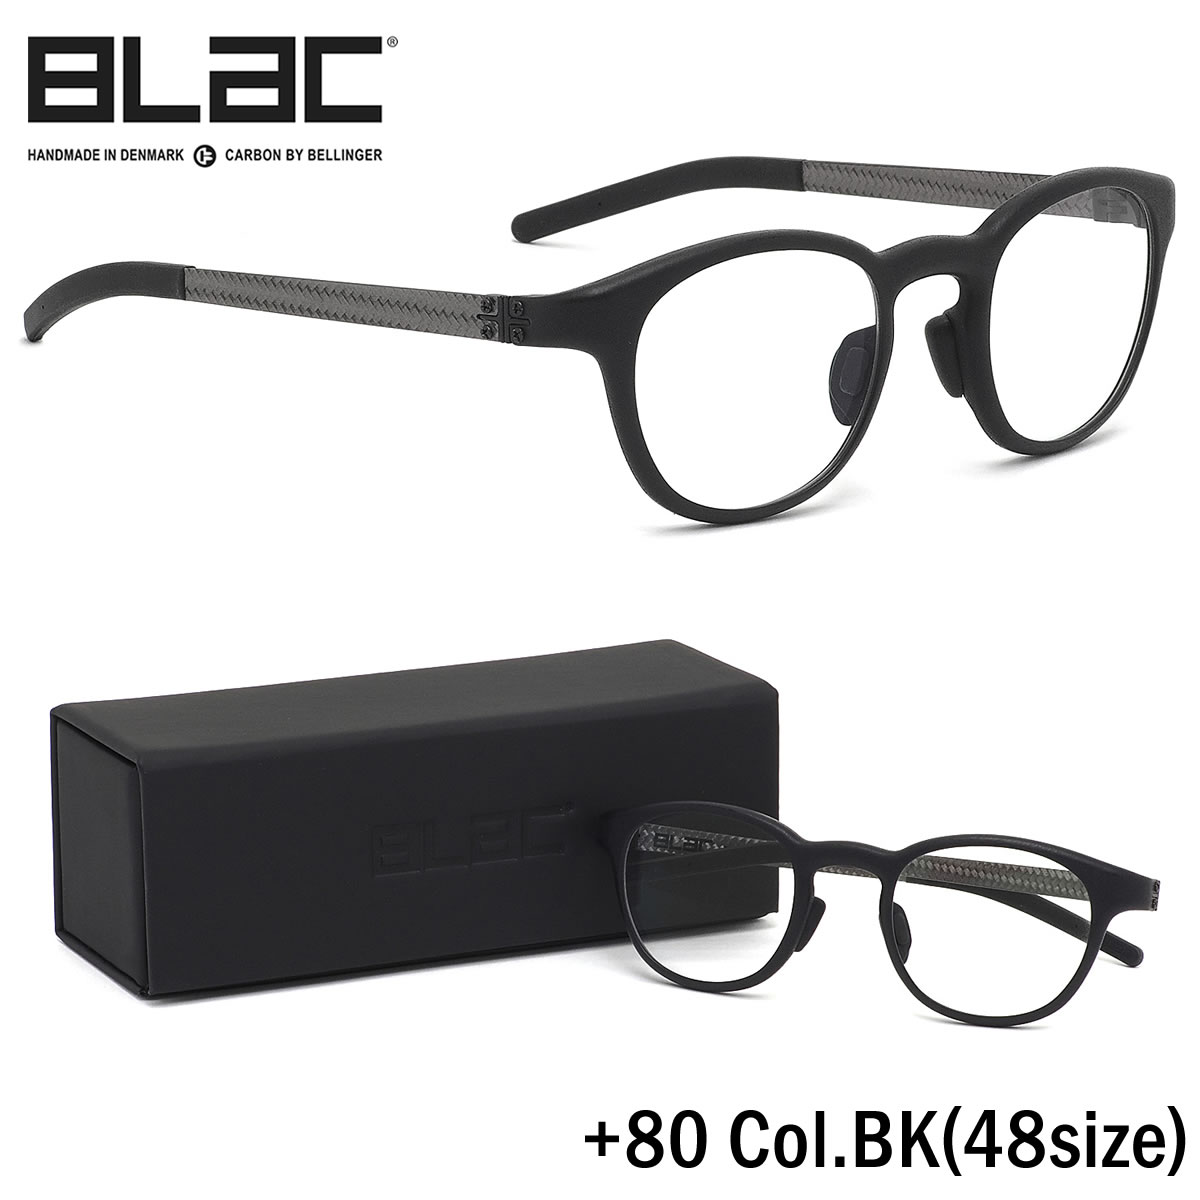 ほぼ全品ポイント15倍~20倍+15倍+2倍 ブラック BLaC メガネ+80 BK 48サイズ+80 PLUS80 カーボンファイバー CARBON FIBER ハイブリッド BLaC+ ポリアミドブラック BLaC メンズ レディース